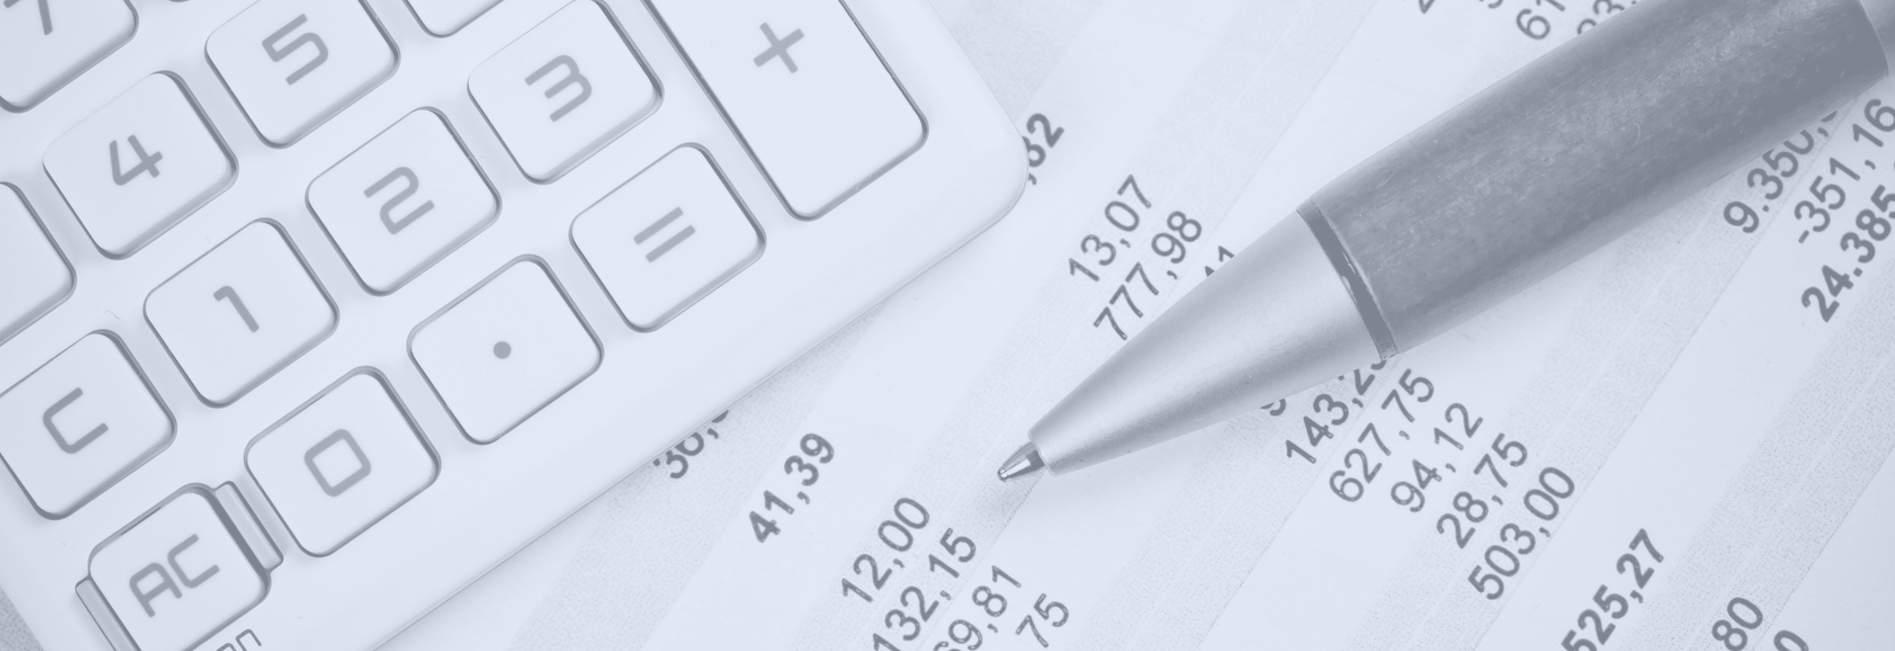 Taschenrechner und Stift bei der Steuererklärung bildlich für Steuerrecht Rechtsanwalt